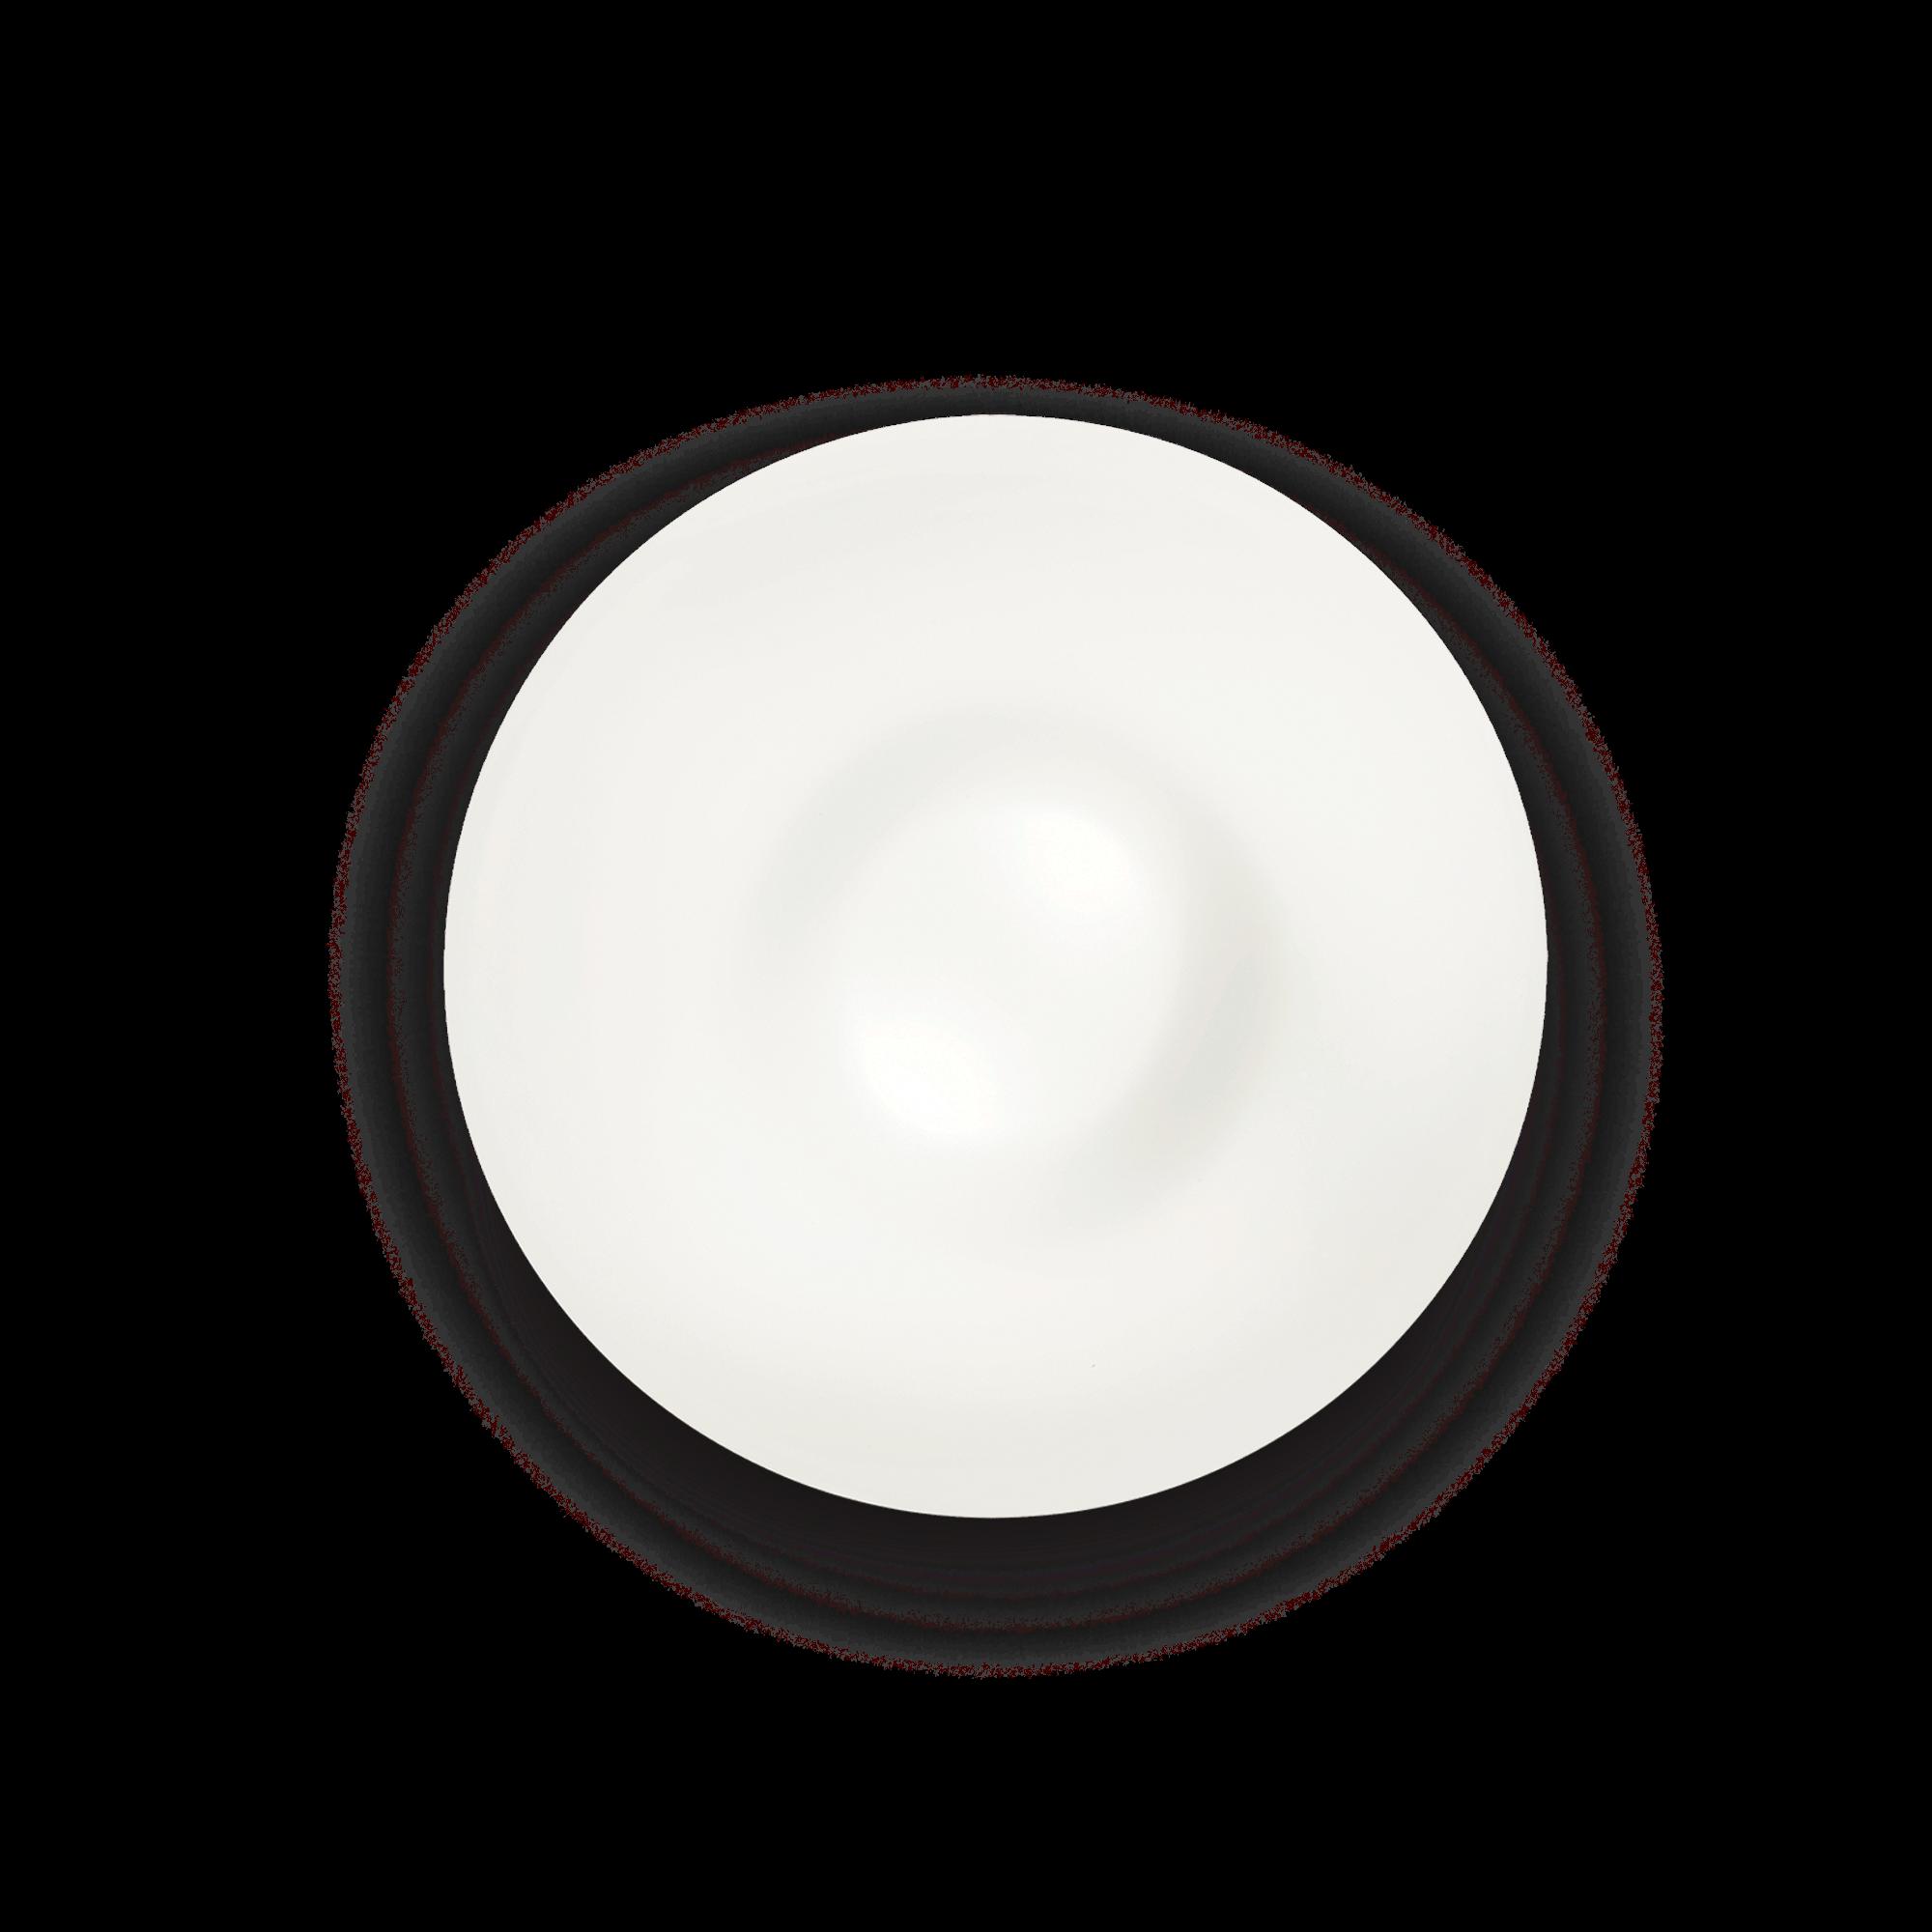 Ideal Lux 101132 Glory PL2 D40 mennyezeti lámpa